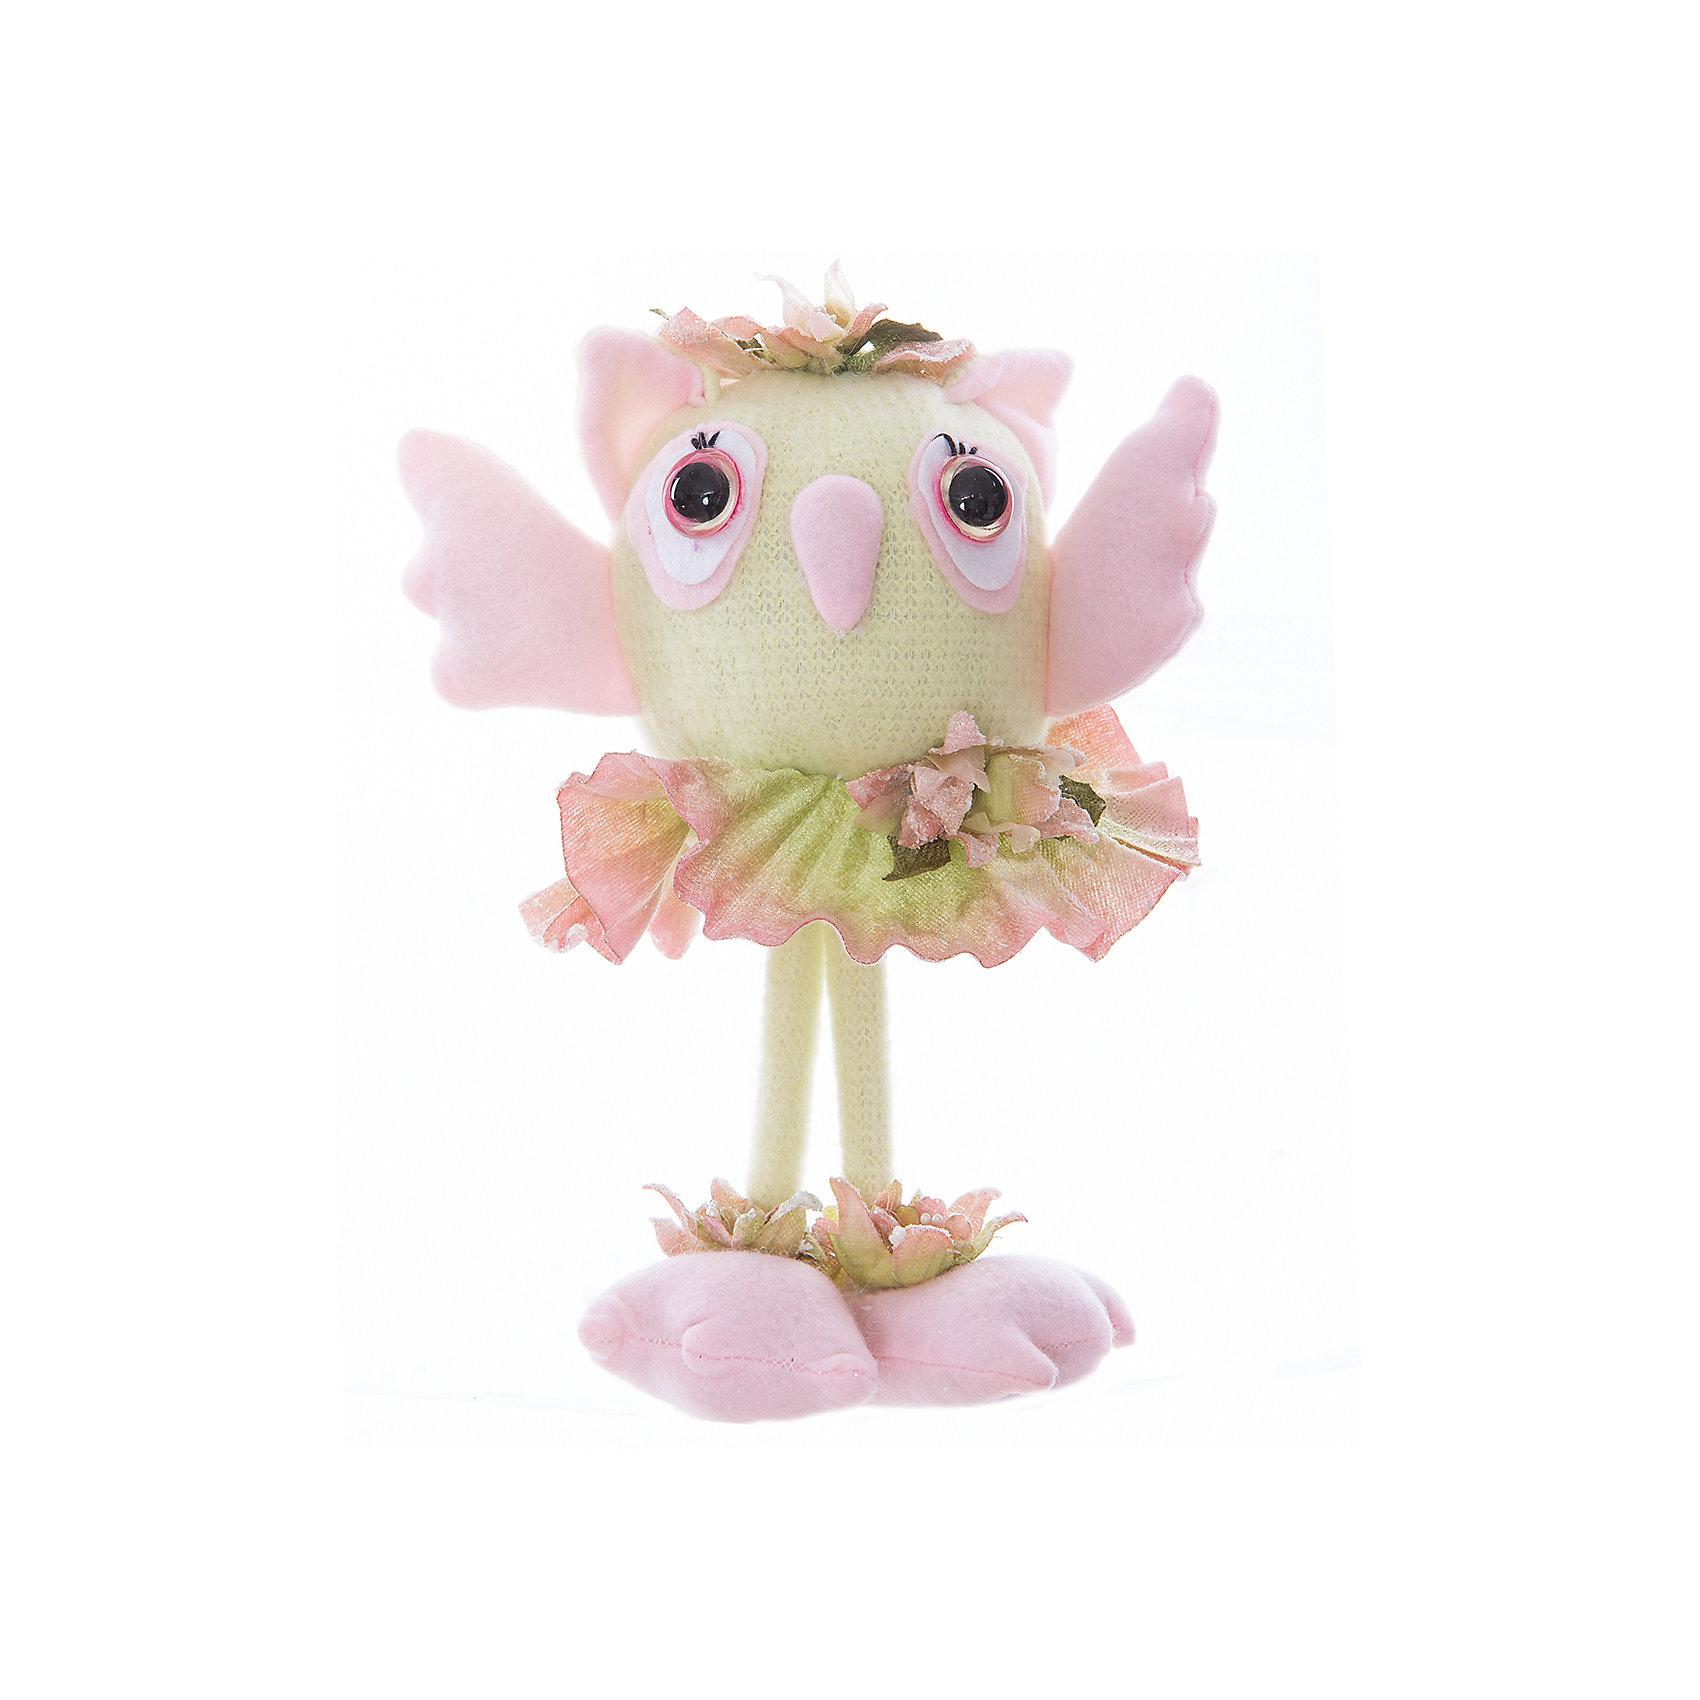 Интерьерная кукла Совушка C21-106029, EstroПредметы интерьера<br>Характеристики интерьерной куклы:<br><br>- размеры: 25*12*8 см. <br>- тип игрушки: животные, мягкая игрушка<br>- персонаж: сова<br>- вид упаковки: коробка<br>- возрастные ограничения: 3+<br>- комплектация: игрушка <br>- состав: полиэстер, полиэфир<br>- материал изготовления: высококачественный пластик, полиэстер, ткань<br>- стиль: классический, прованс<br>- бренд: Estro <br>- страна бренда: Италия<br>- страна производитель: Китай<br><br><br>В последние годы интерьерные куклы пользуются немалой популярностью, однако не стоит думать, что это изобретение исключительного нашего века. Настоящий бум в украшении интерьеров куклами пришелся на XVIII-ХIX века. Однако в ХХ веке эта традиция постепенно сошла на нет. Великолепная модель от торговой марки Estro салатовая сова выполнена с потрясающей детализацией и смотрится невероятно стильно. <br><br>Интерьерную куклу сова итальянской торговой марки Estro можно купить в нашем интернет-магазине.<br><br>Ширина мм: 100<br>Глубина мм: 100<br>Высота мм: 250<br>Вес г: 193<br>Возраст от месяцев: 36<br>Возраст до месяцев: 1188<br>Пол: Женский<br>Возраст: Детский<br>SKU: 5356623